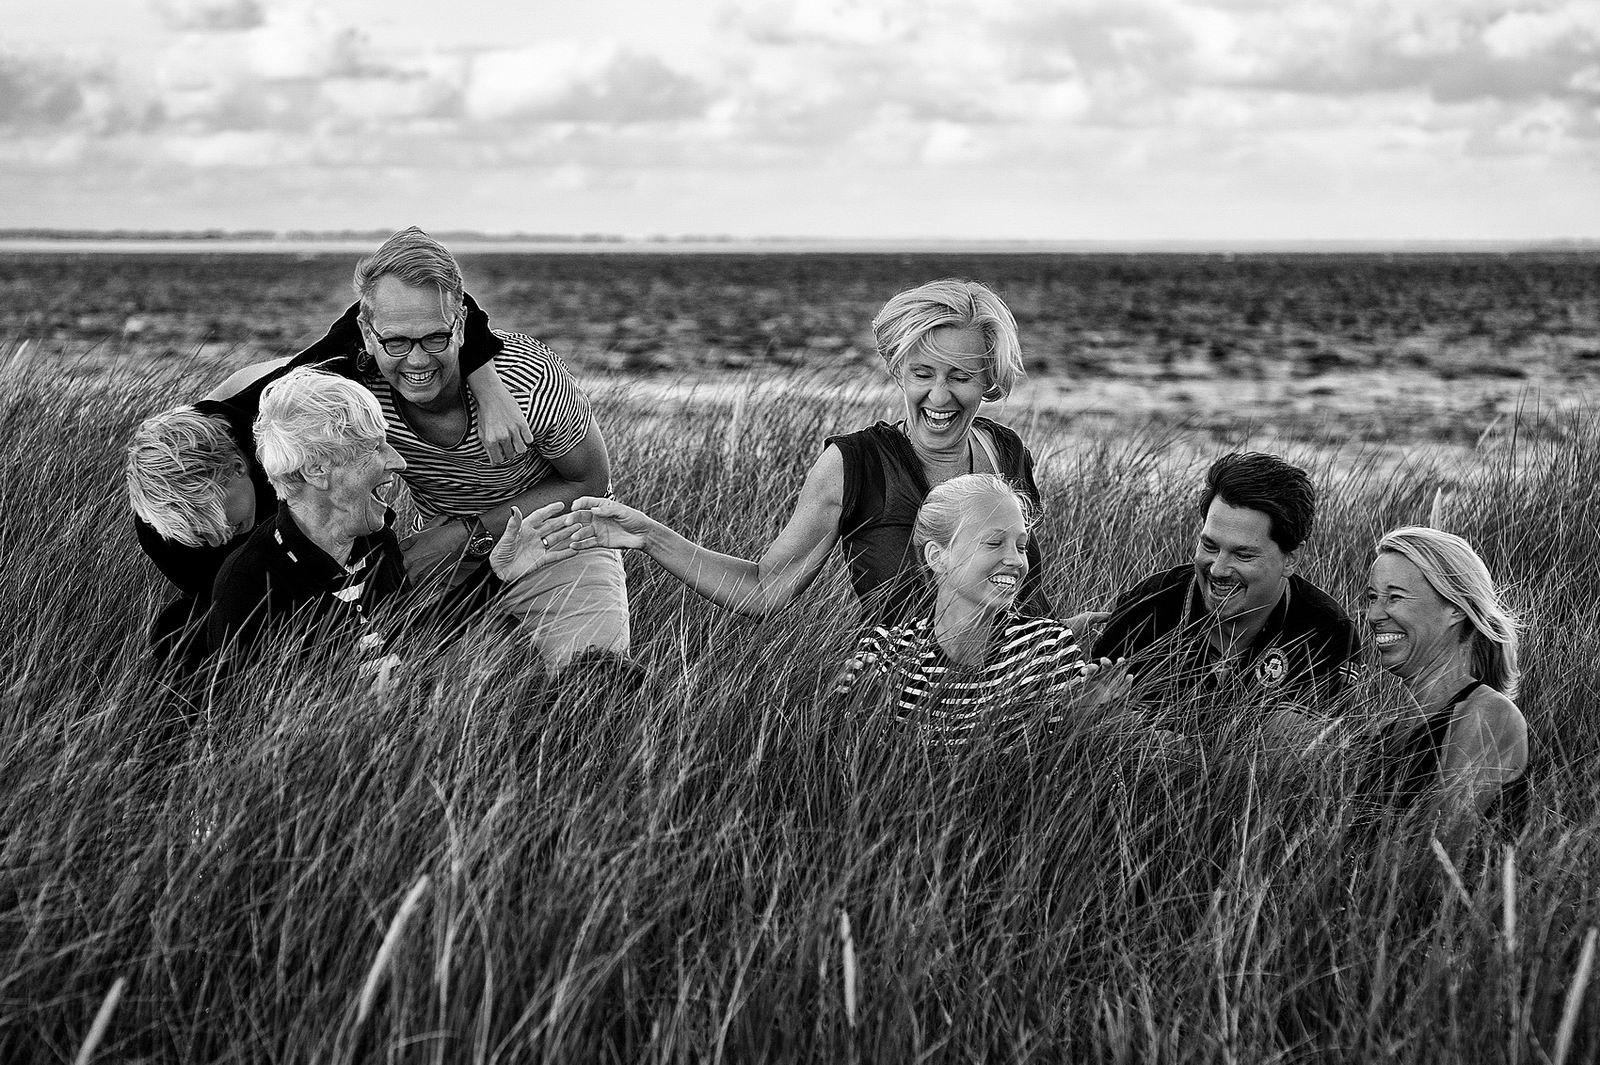 Eine Familie hockt in den Dünen in List. die kitzeln sich gegenseitig und lächeln dabei herzlich